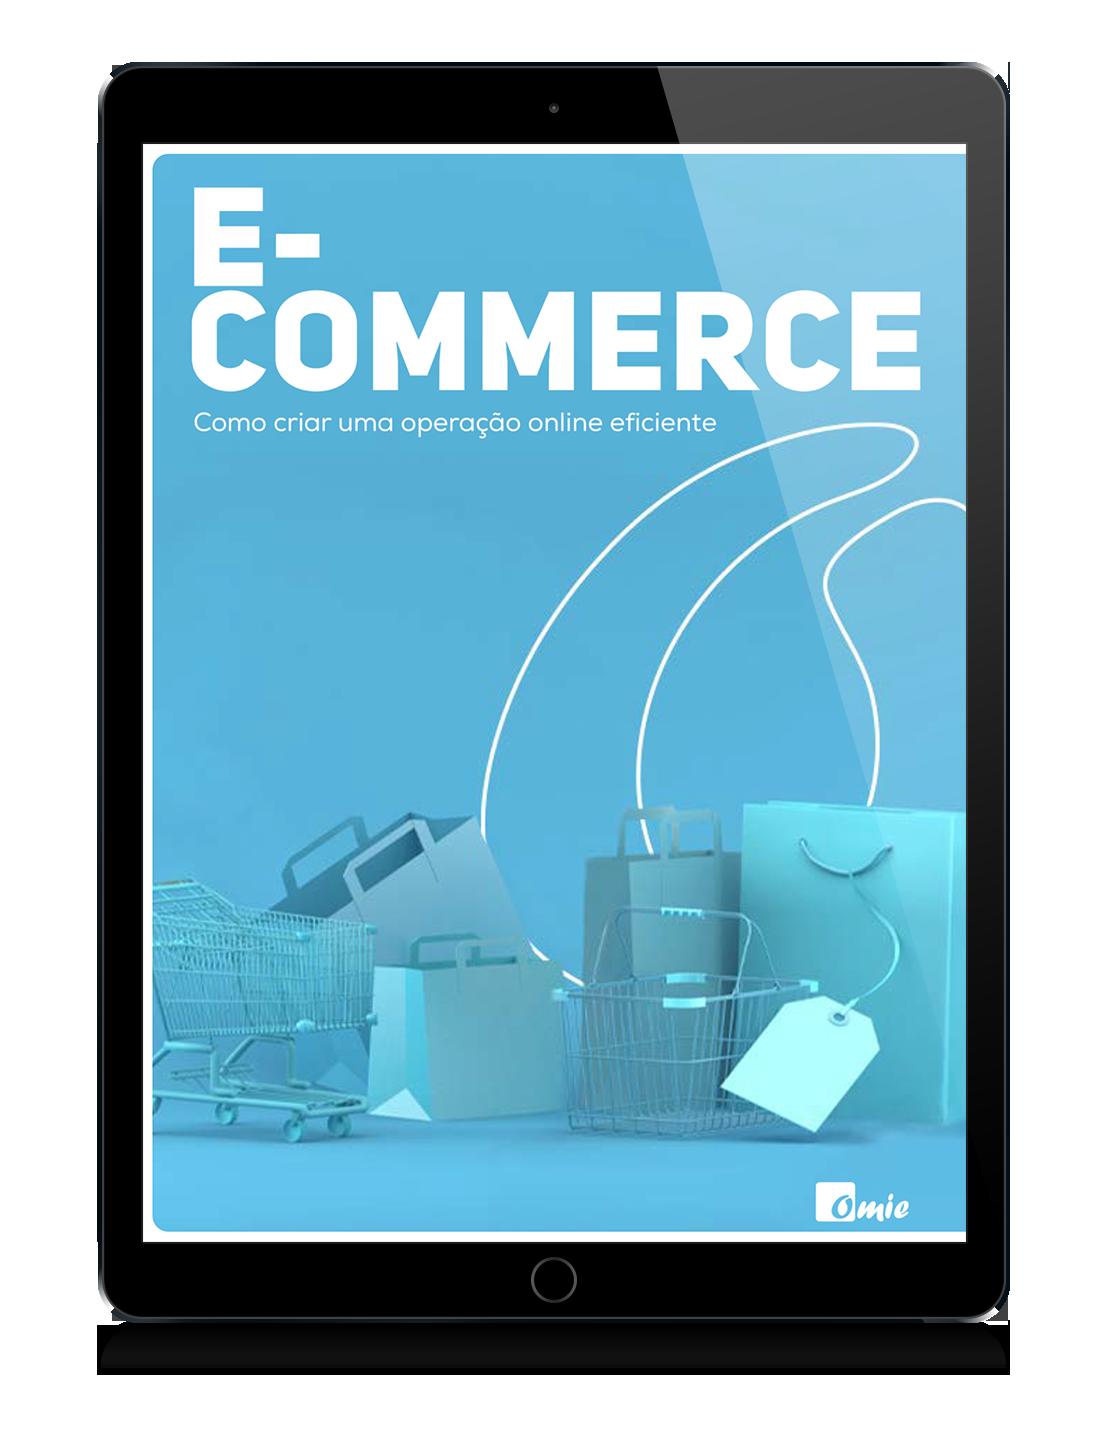 Ebook E commerce-Mockup (2)